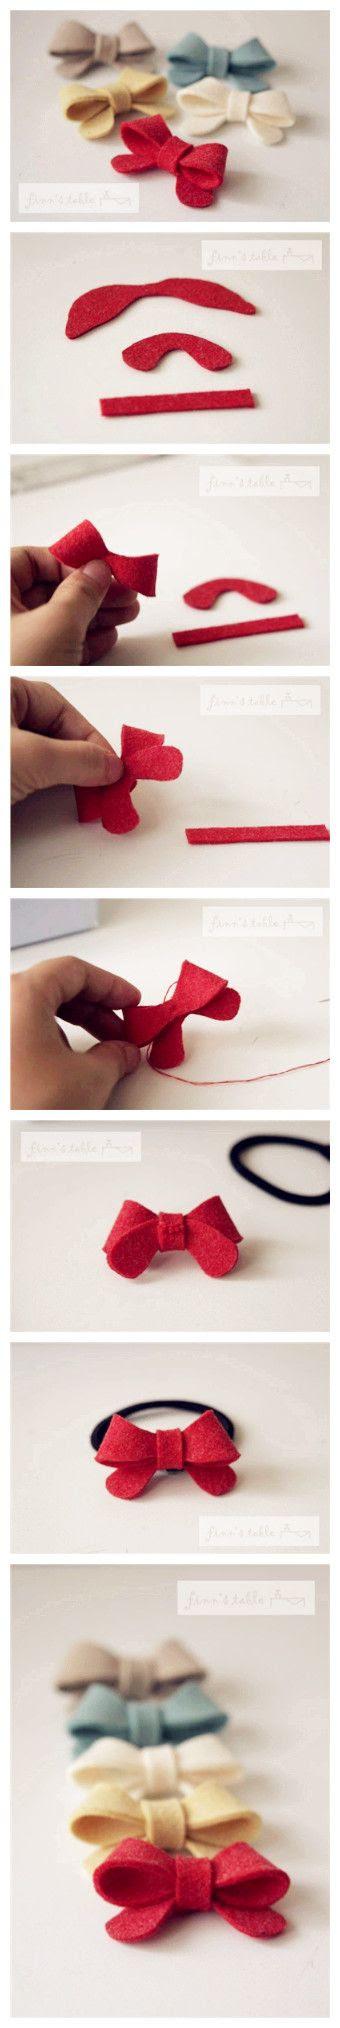 diy : bow